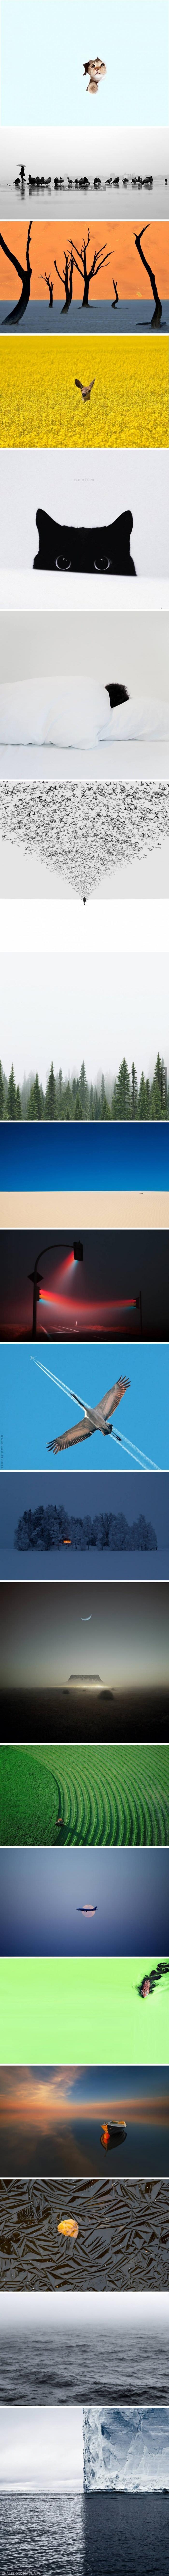 20 perfekcyjnych minimalistycznych fotografii